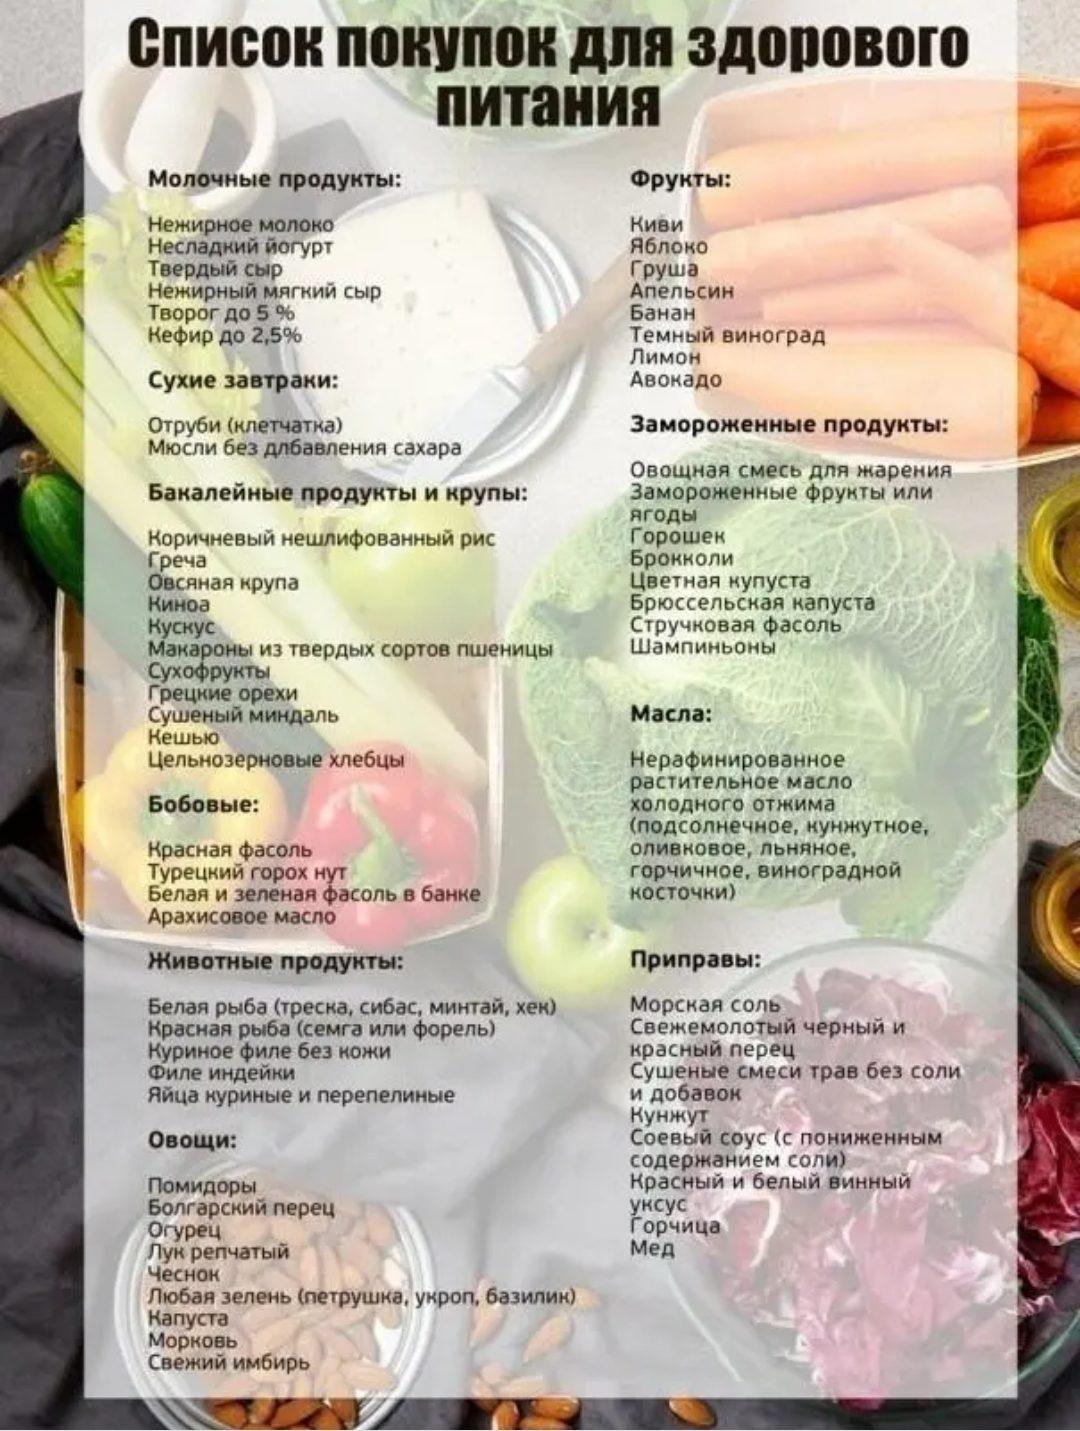 Список еды на диете